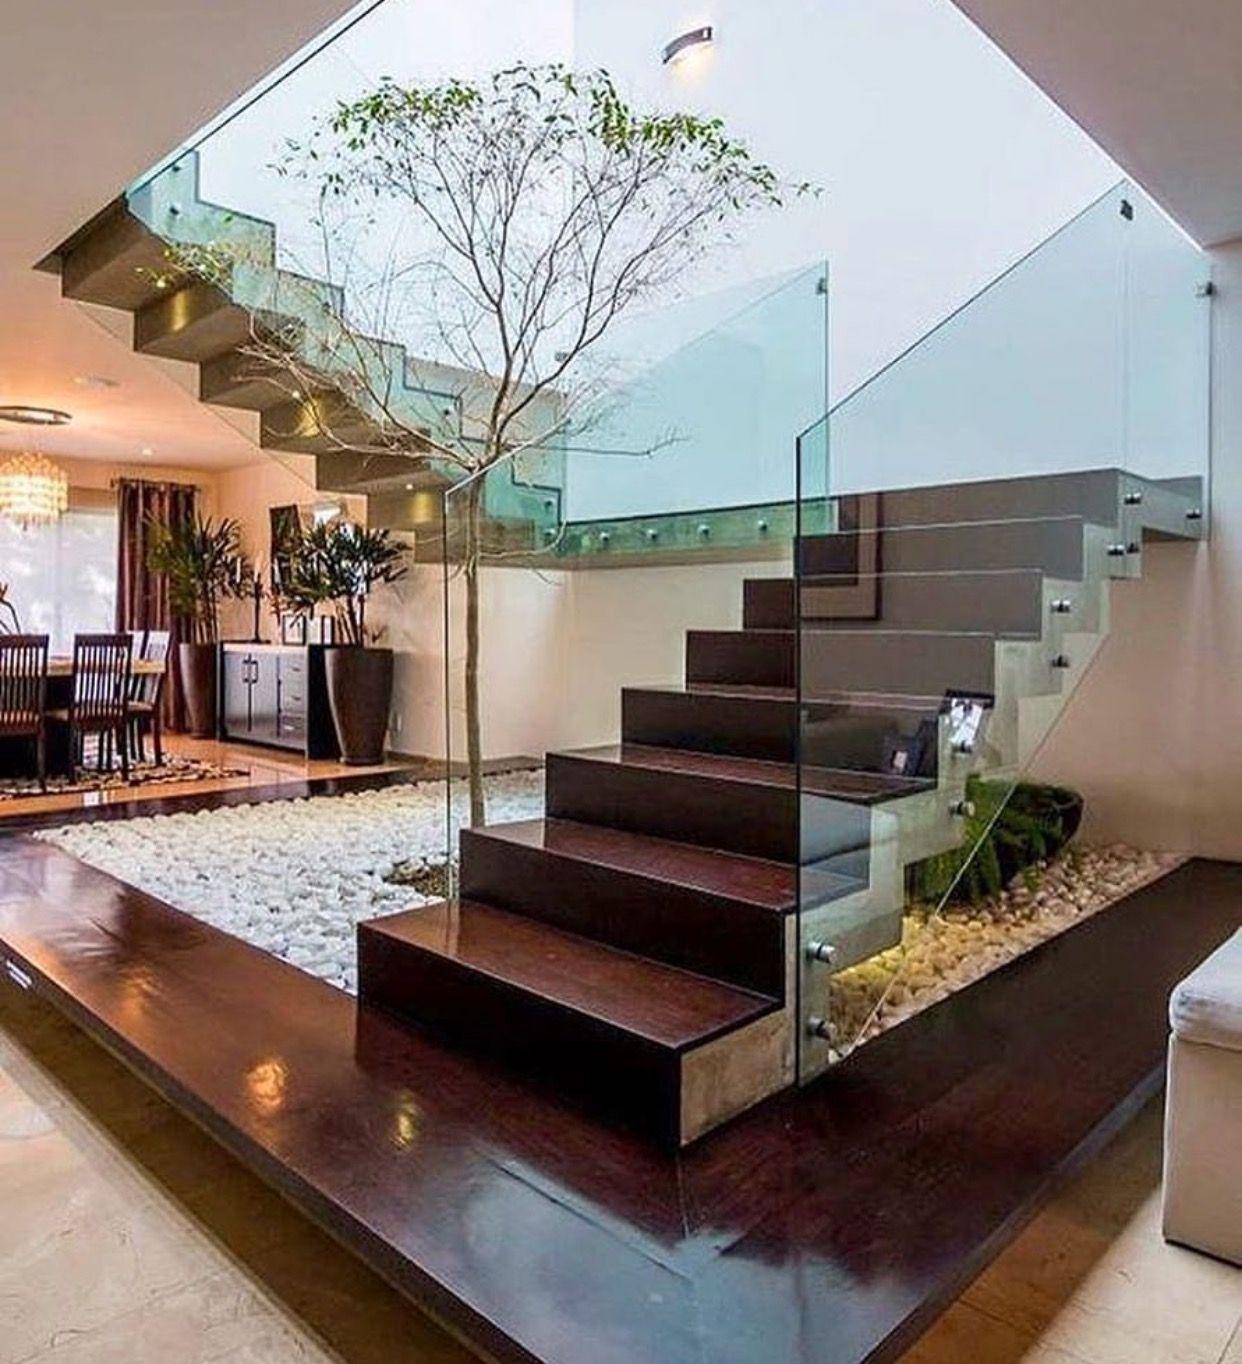 Innenarchitektur, Einfamilienhaus, Wohn Design, Moderne Architektur,  Wohnzimmer, Zuhause, Projekte,